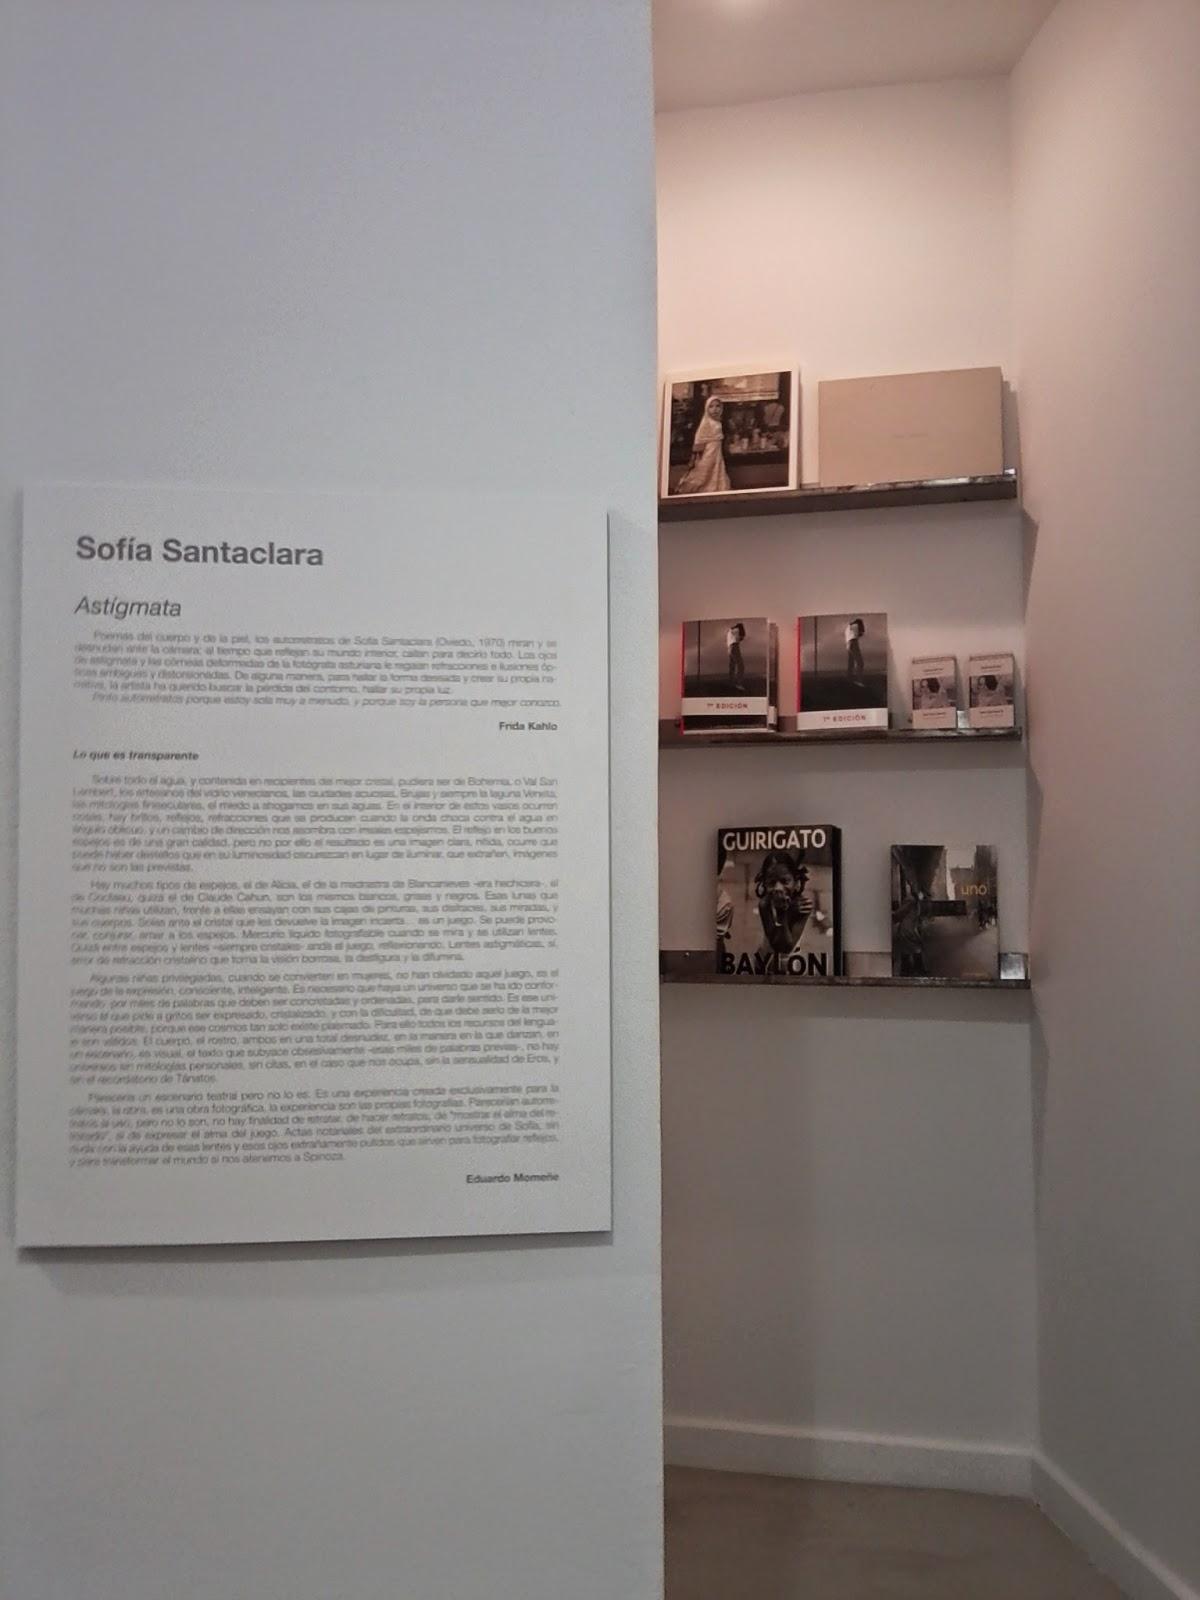 fotografía de autor, sofía santaclara, galería espacio foto, fotografía en blanco y negro, voa-gallery, blog de arte, victim of art, yvonne brochard, video art, libro de artista,